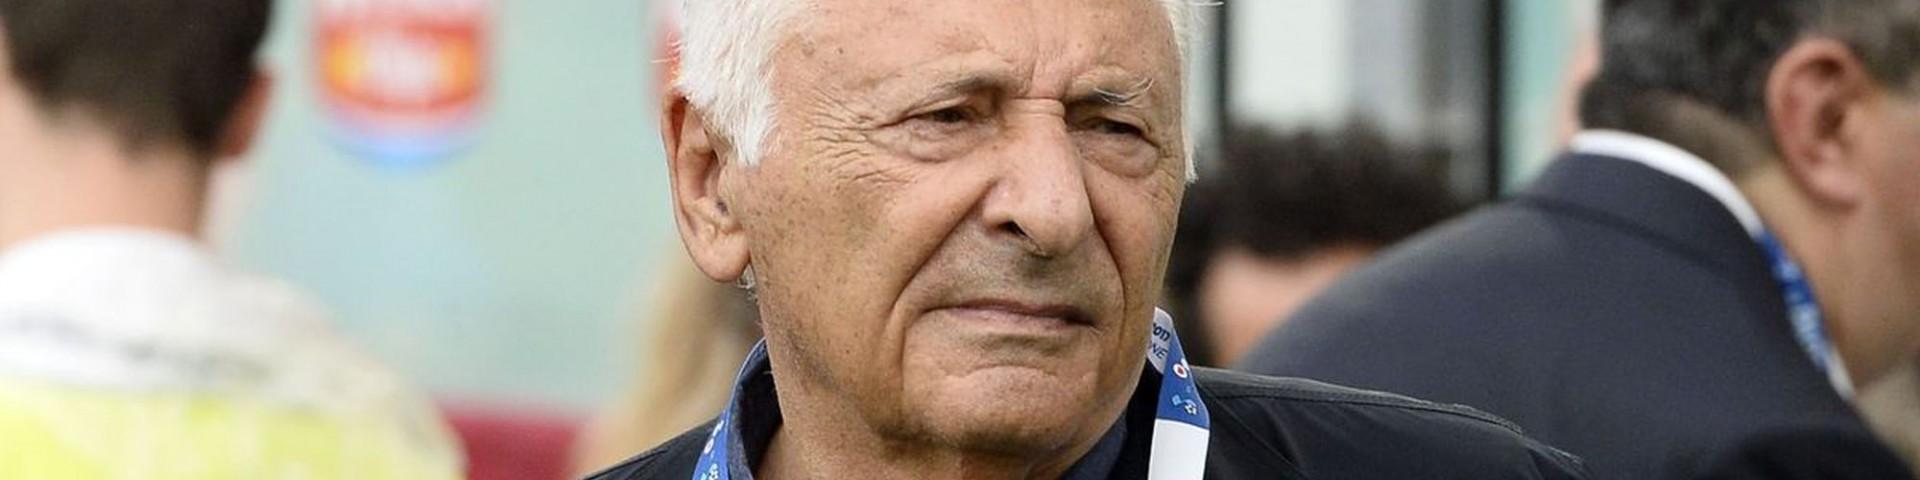 Mogol al Festival di Sanremo 2020 come direttore artistico?